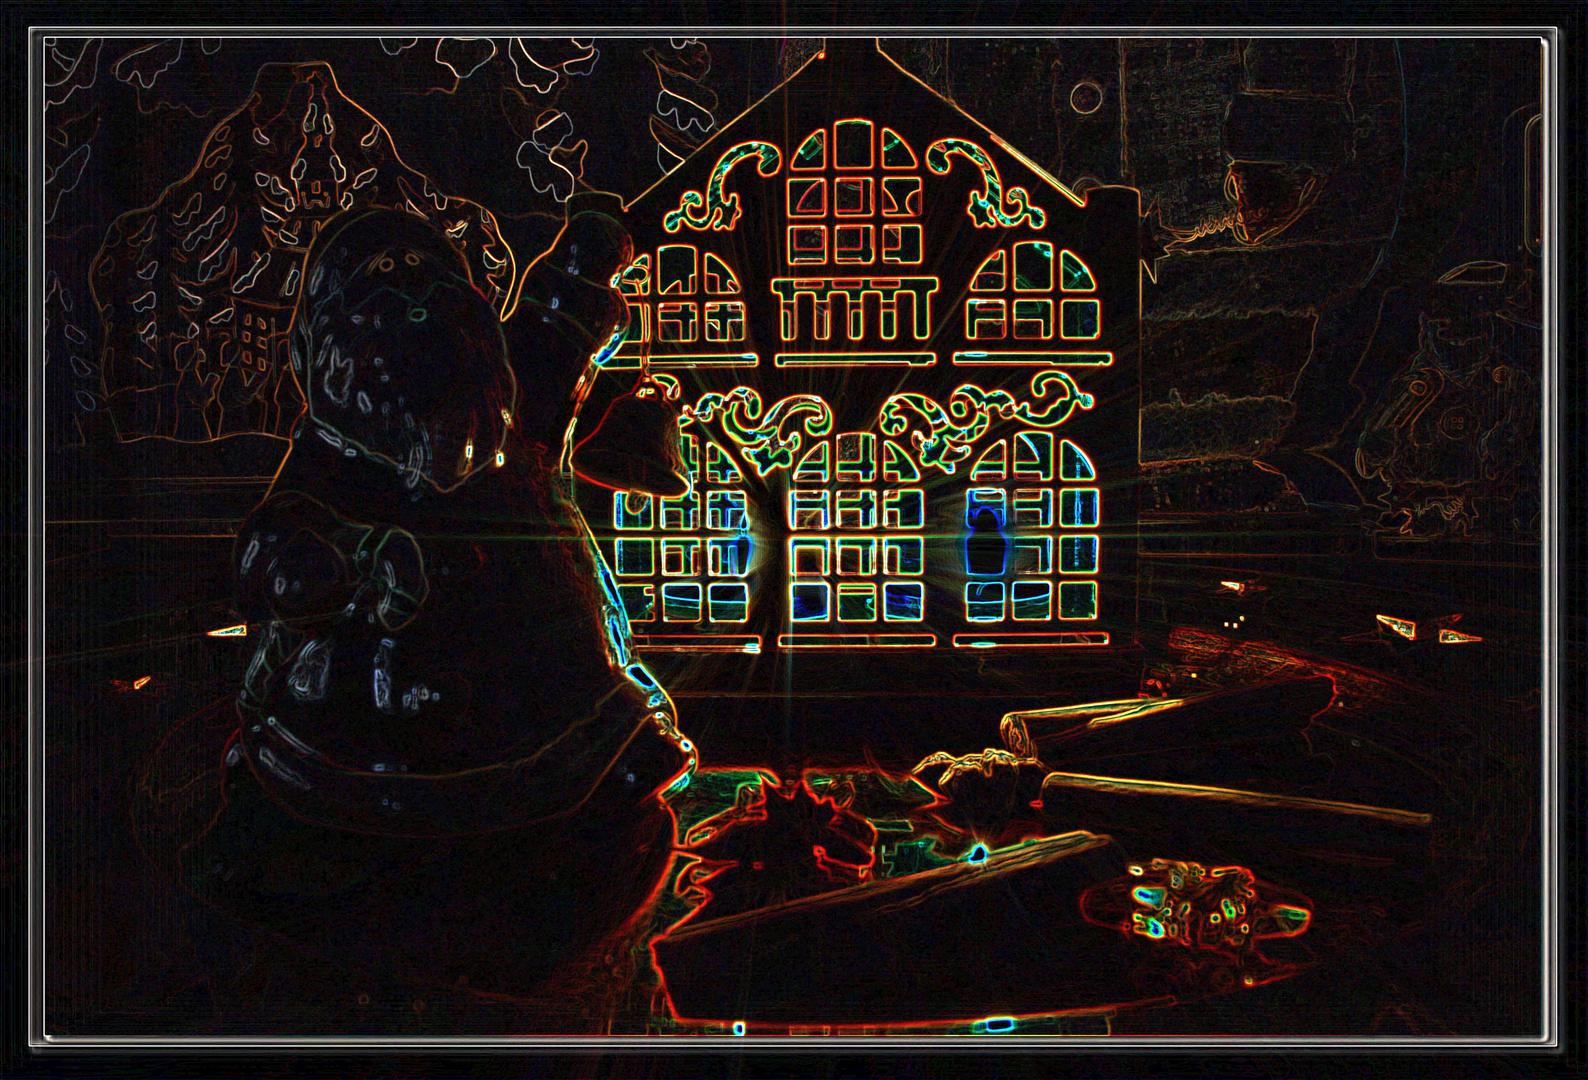 Leuchtende Lichter zum 1. Weihnachtstag Bild 2